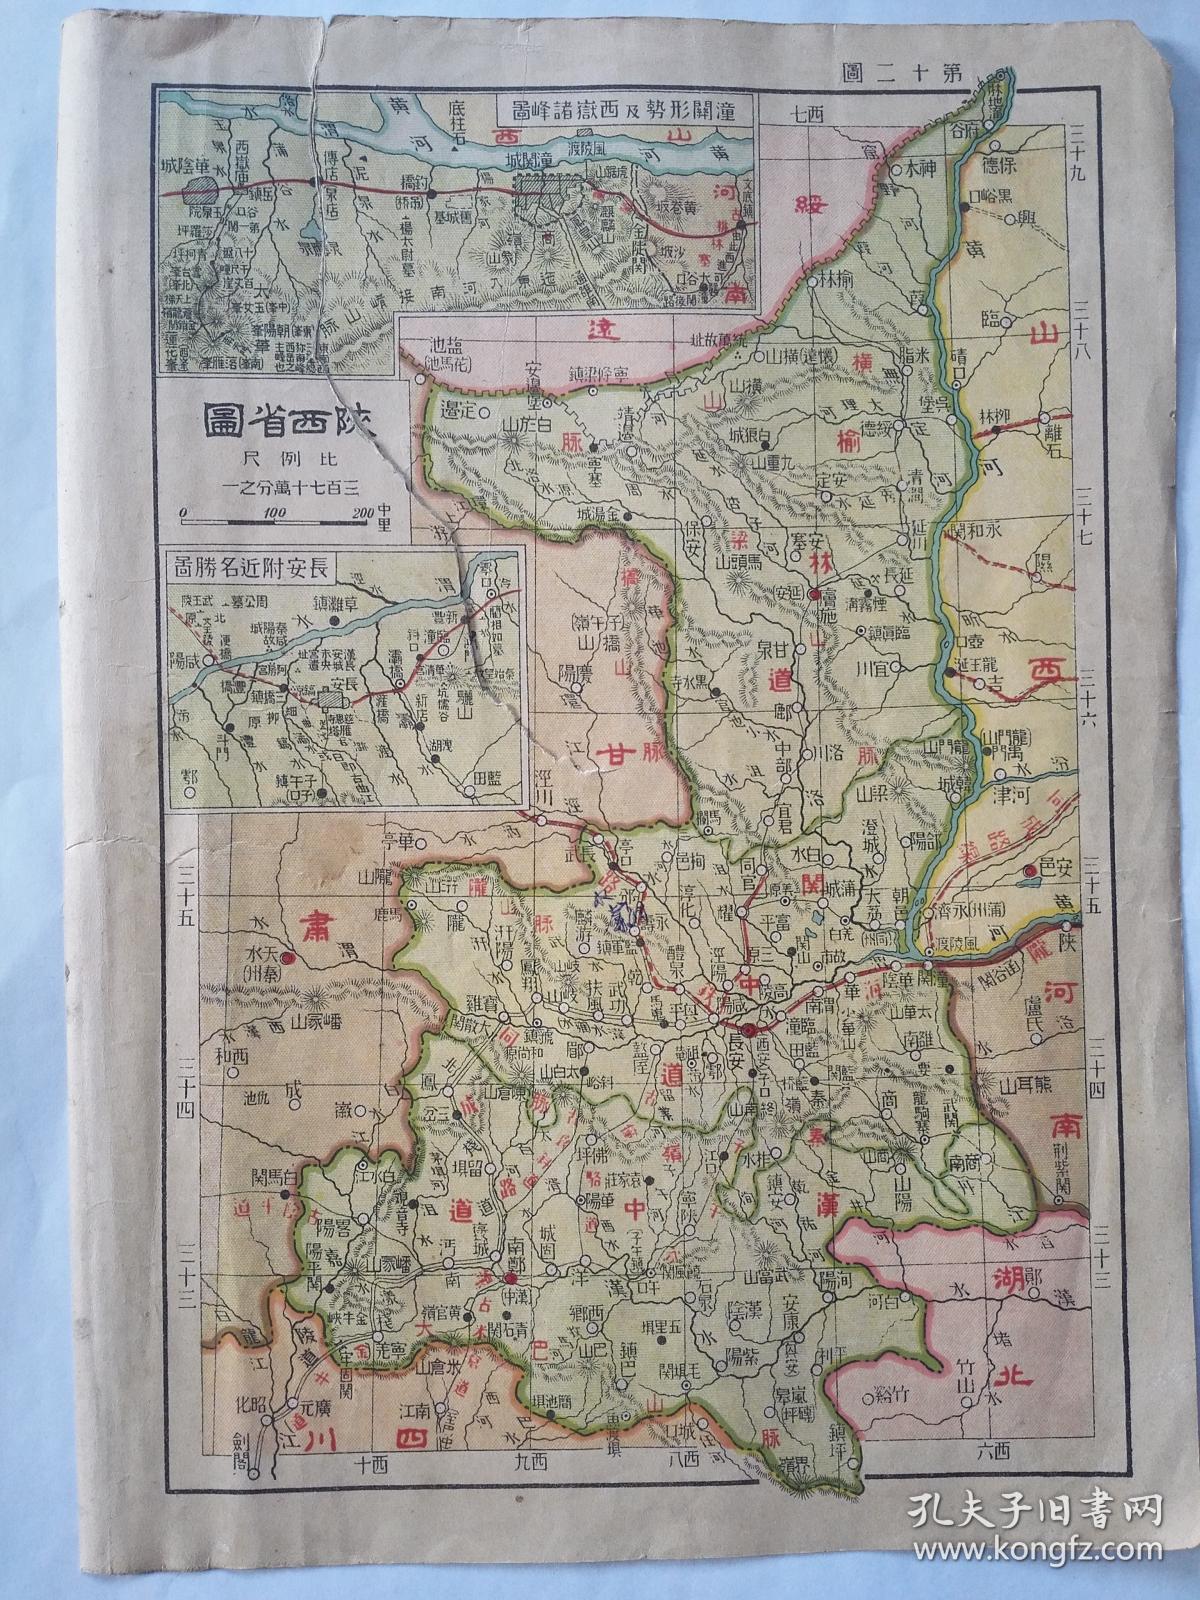 开封省会图,周家口市区图,潼关形势及西岳诸峰图,长安附近名胜图图片